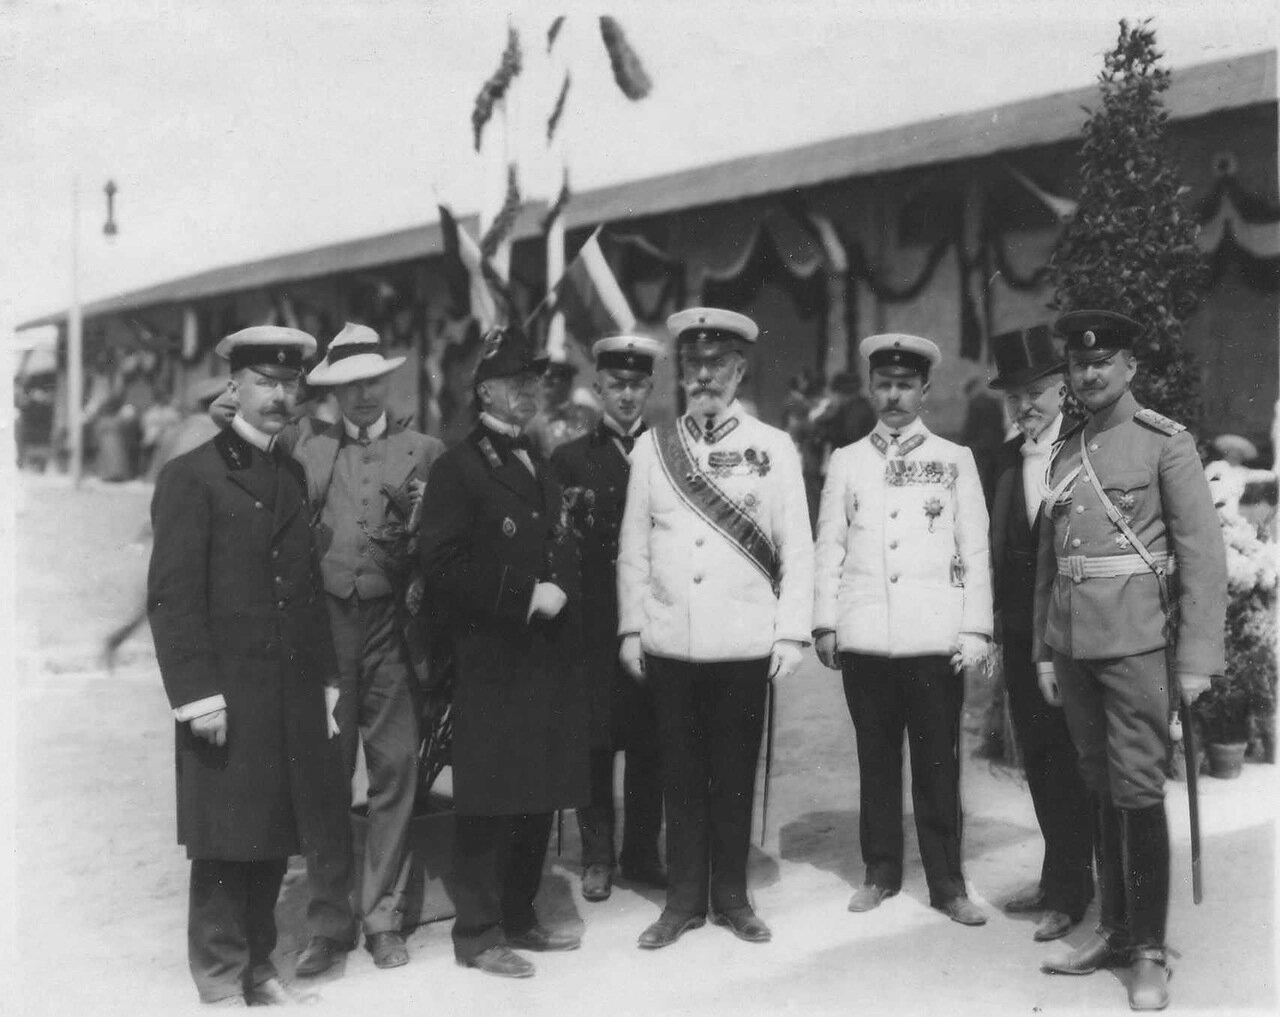 36. Служащие охраны императорского поезда во время встречи германского императора Вильгельма II